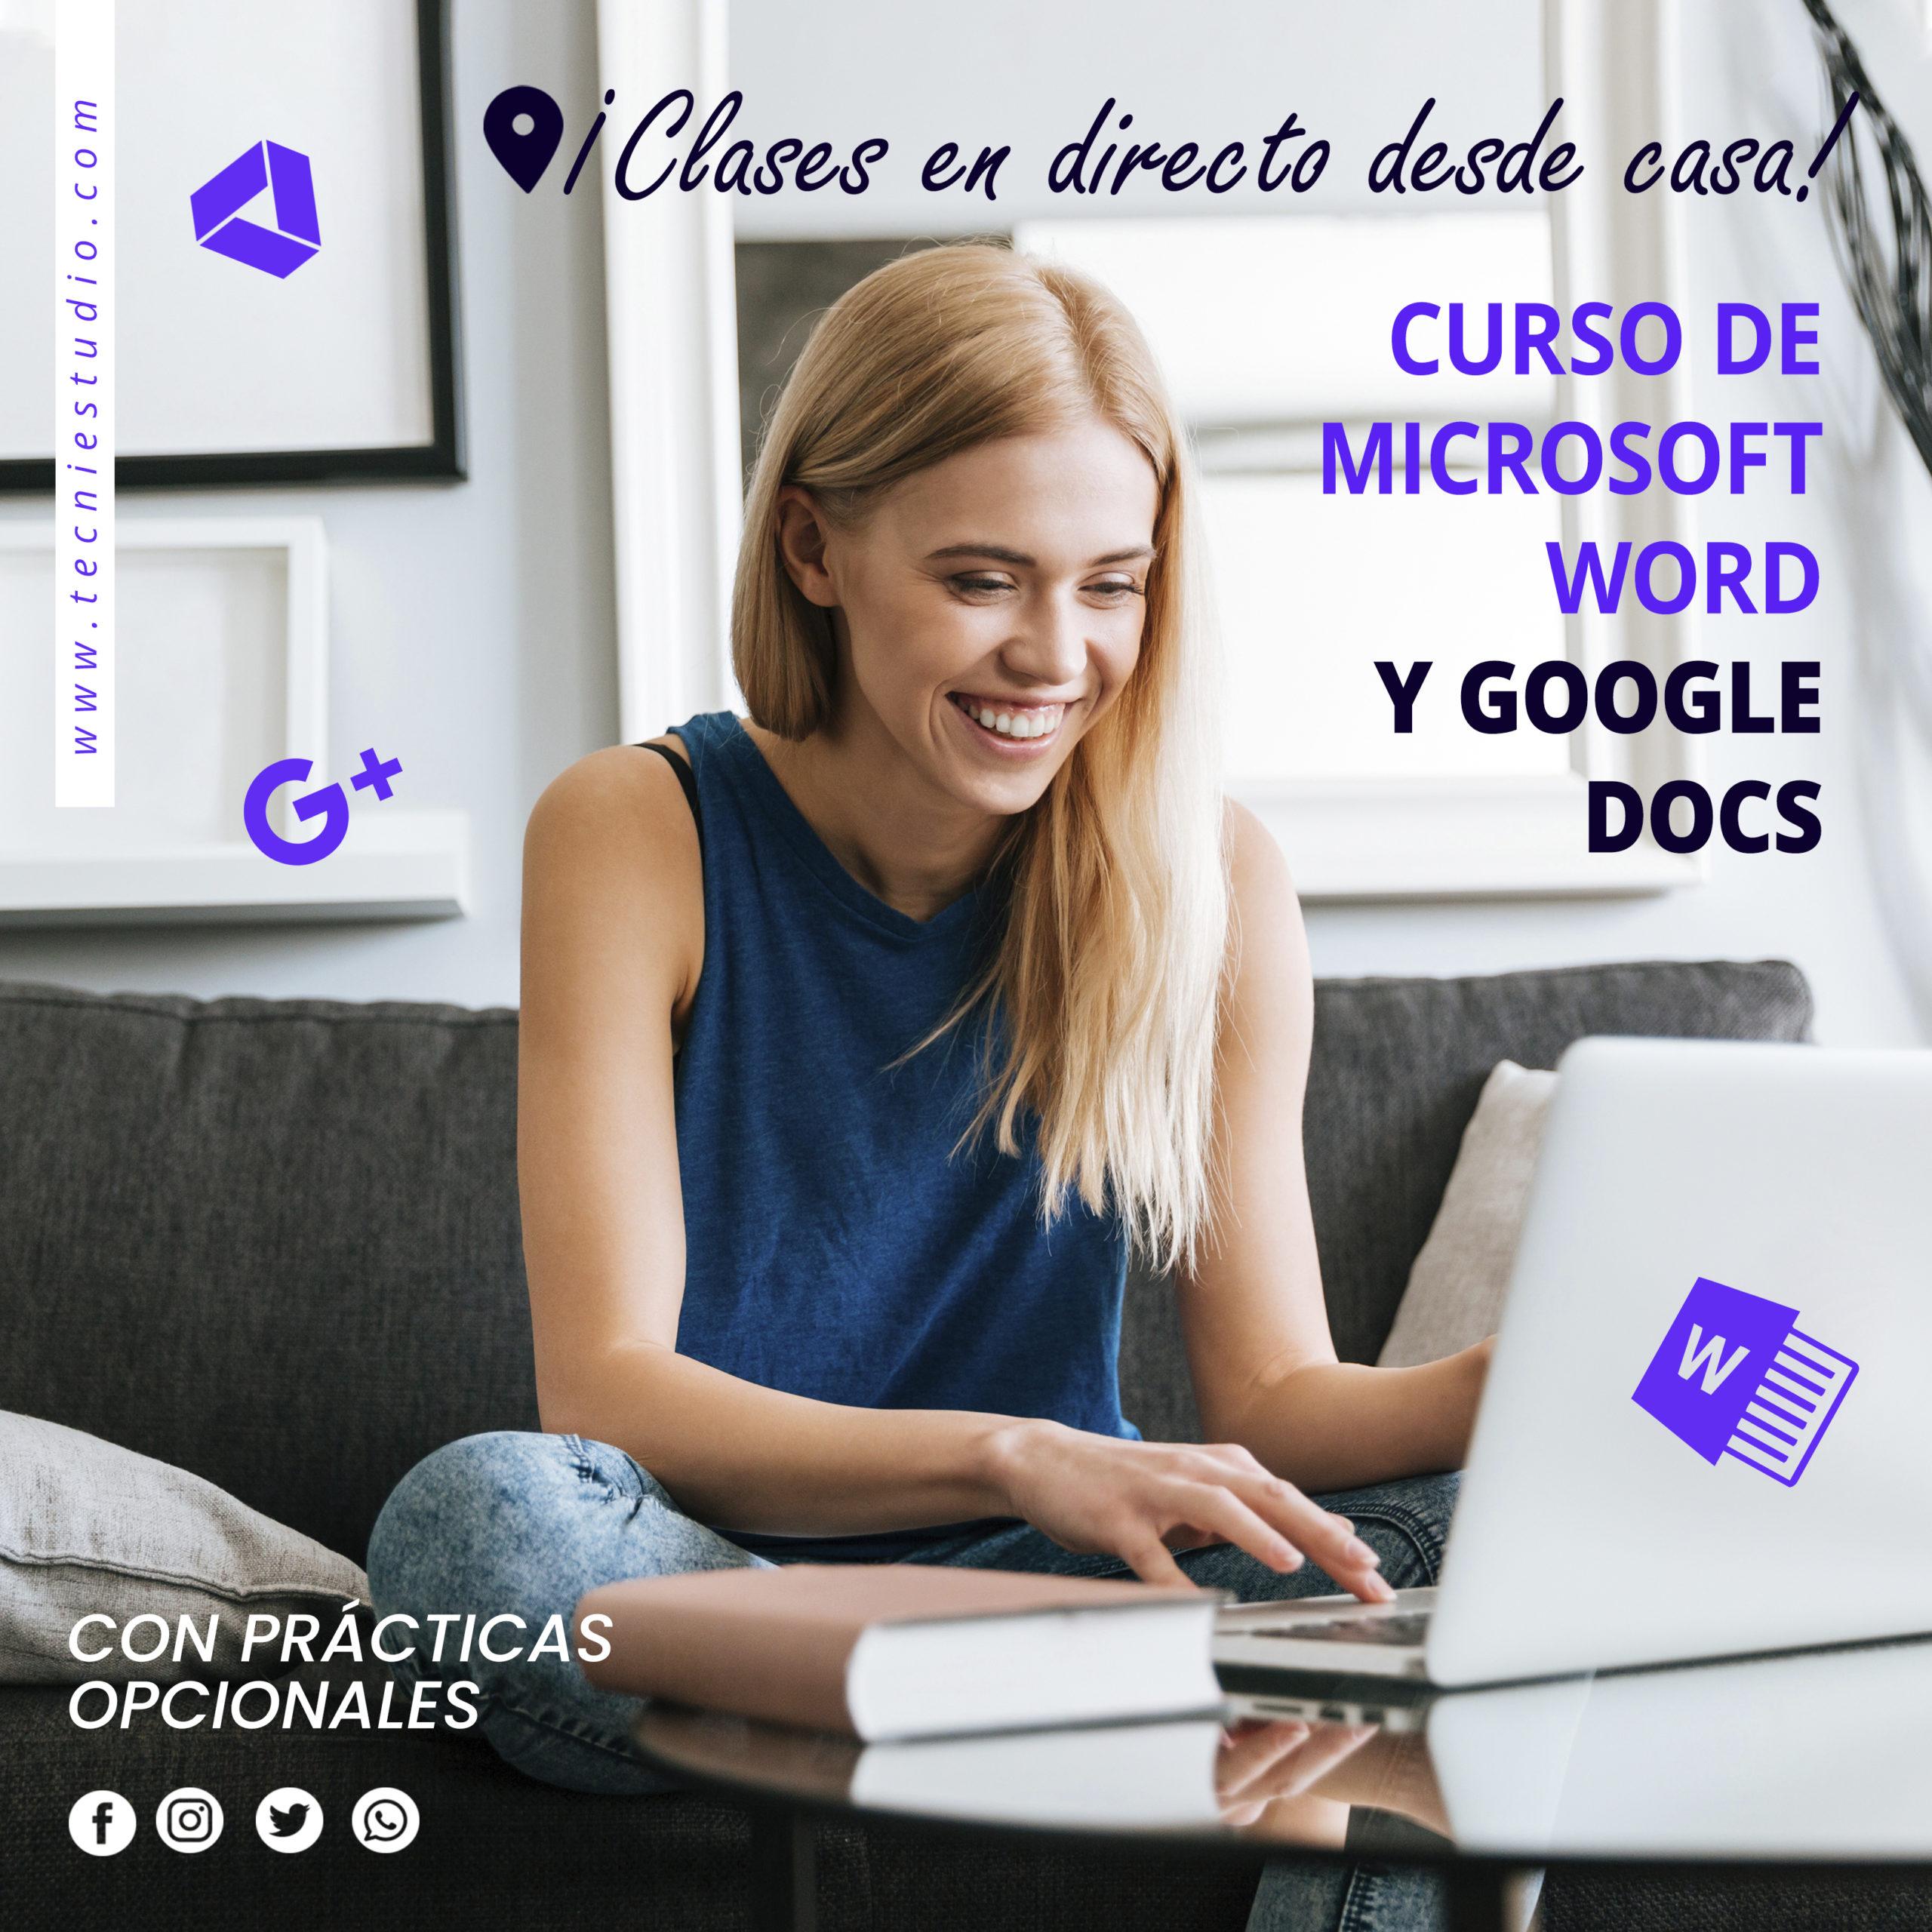 CURSO DE MICROSOFT WORD Y GOOGLE DOCS